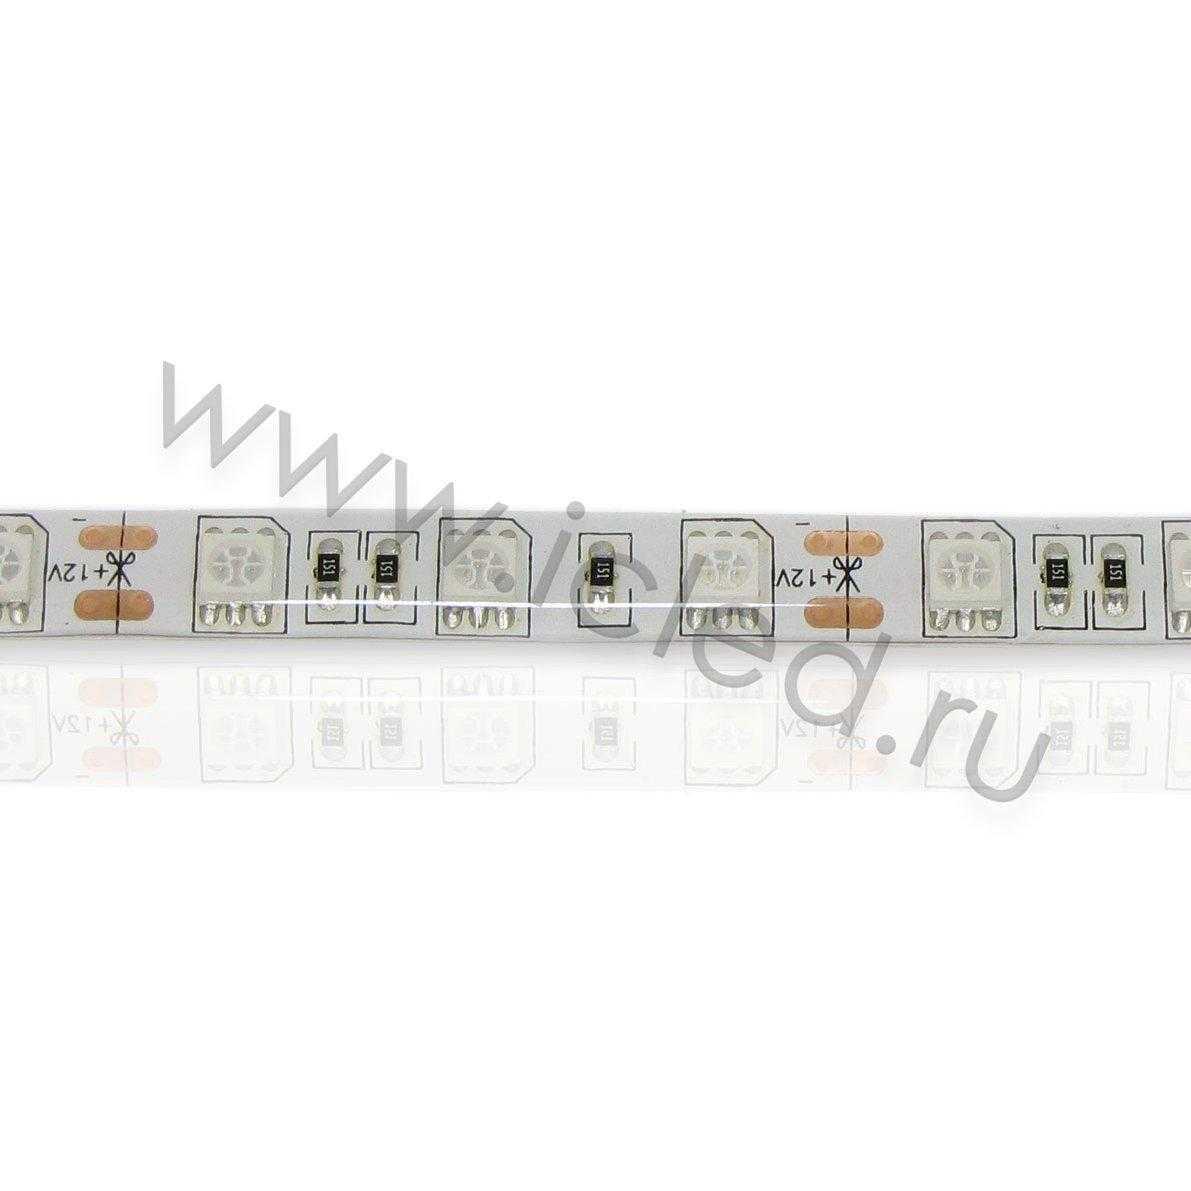 Светодиодная лента Econom class, 5050, 60led/m, Blue, 12V, IP65